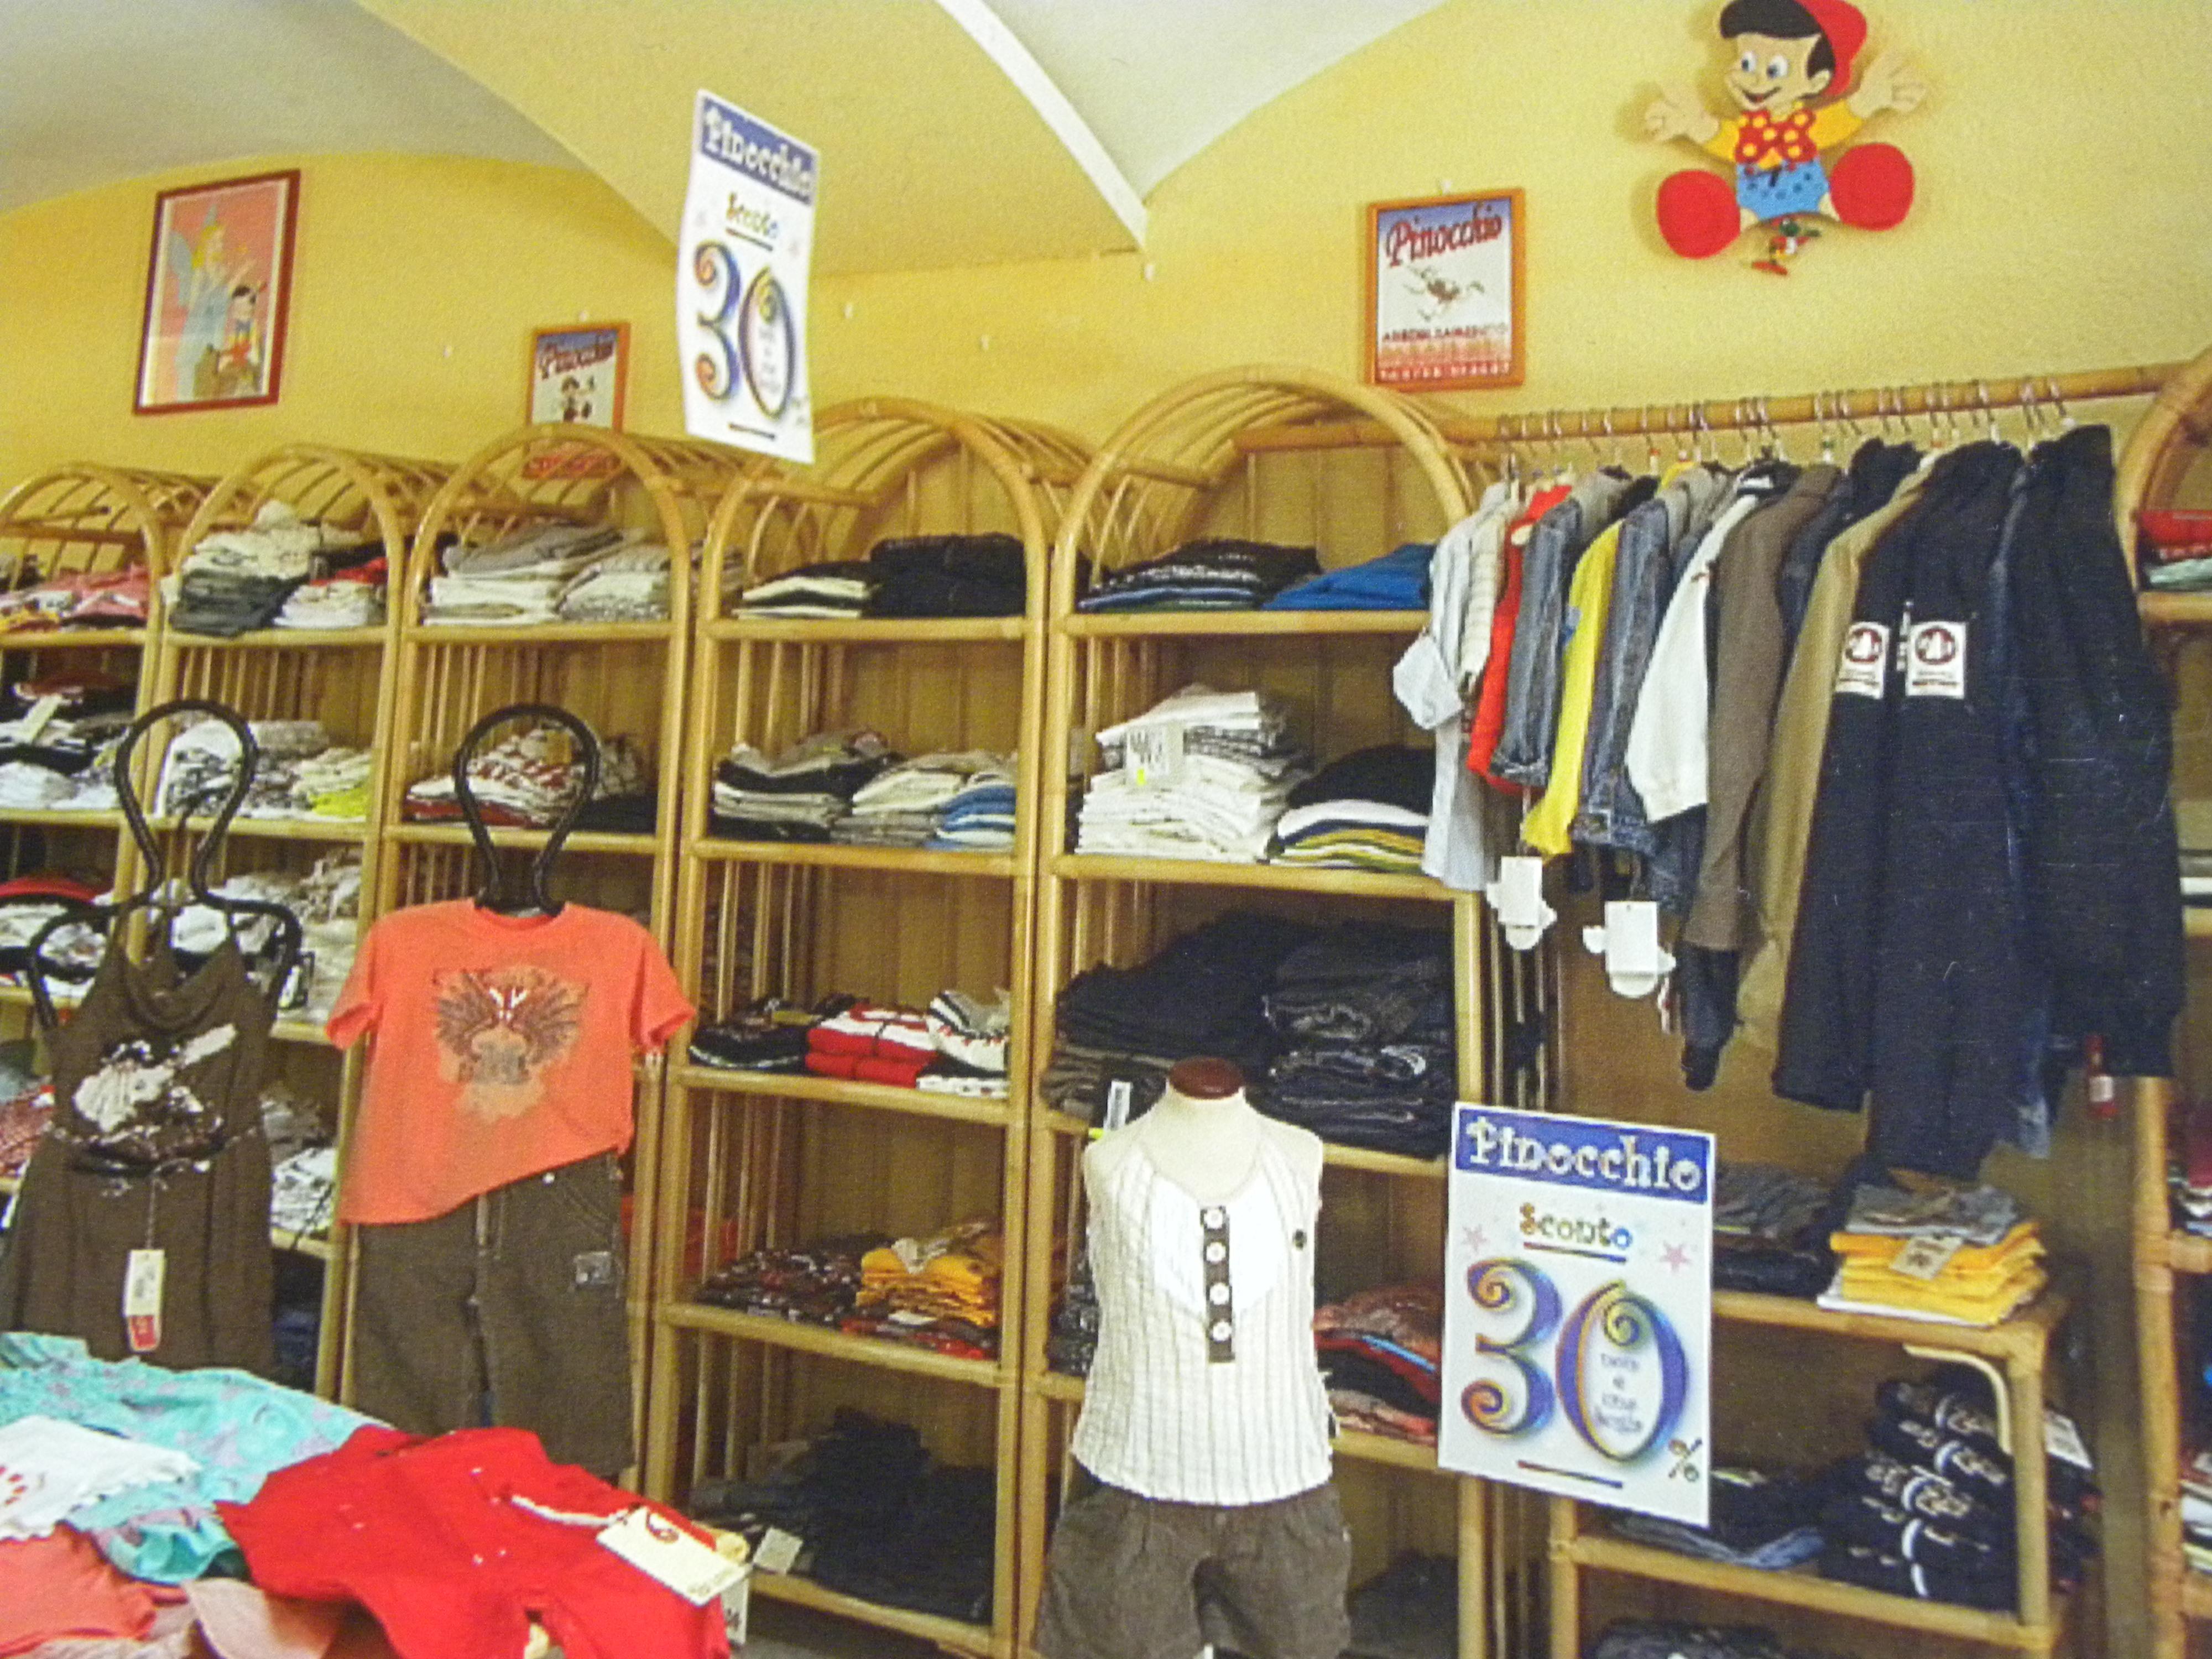 Interno pinocchio abbigliamento l 39 altra bosa for Interno 09 abbigliamento